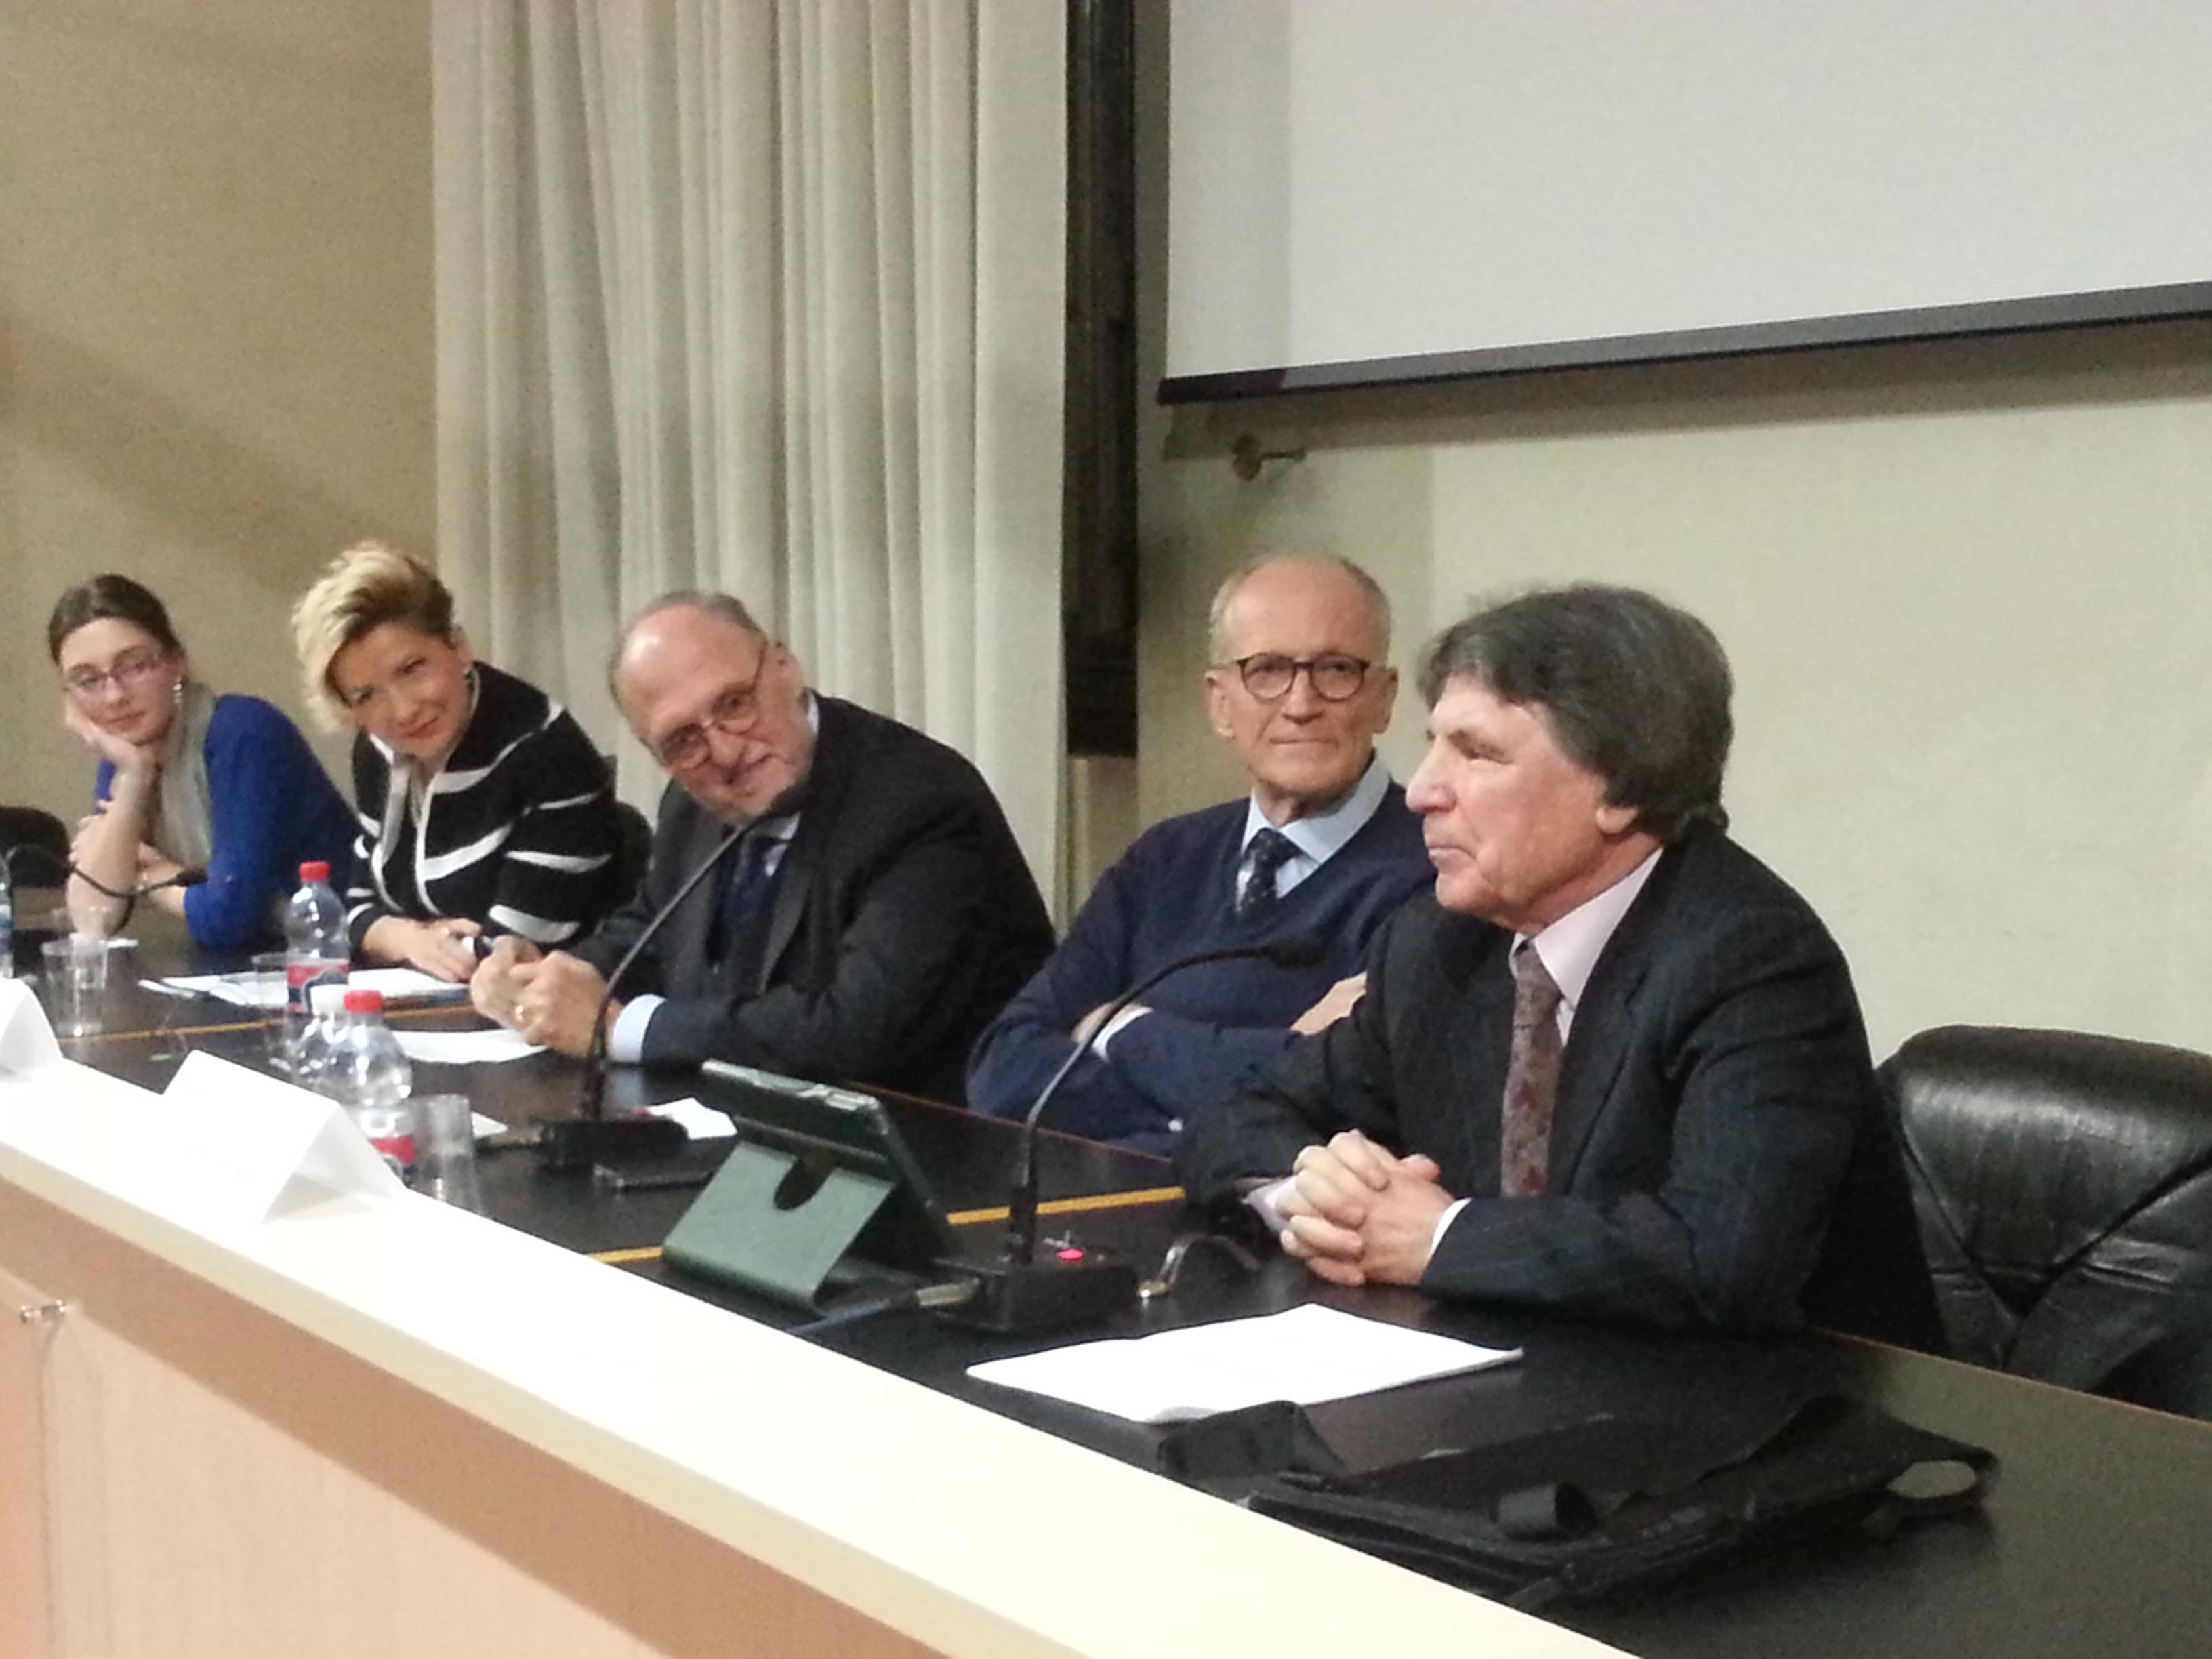 La crisi ucraina e gli scenari futuri. La conferenza di Rondine a Confindustria